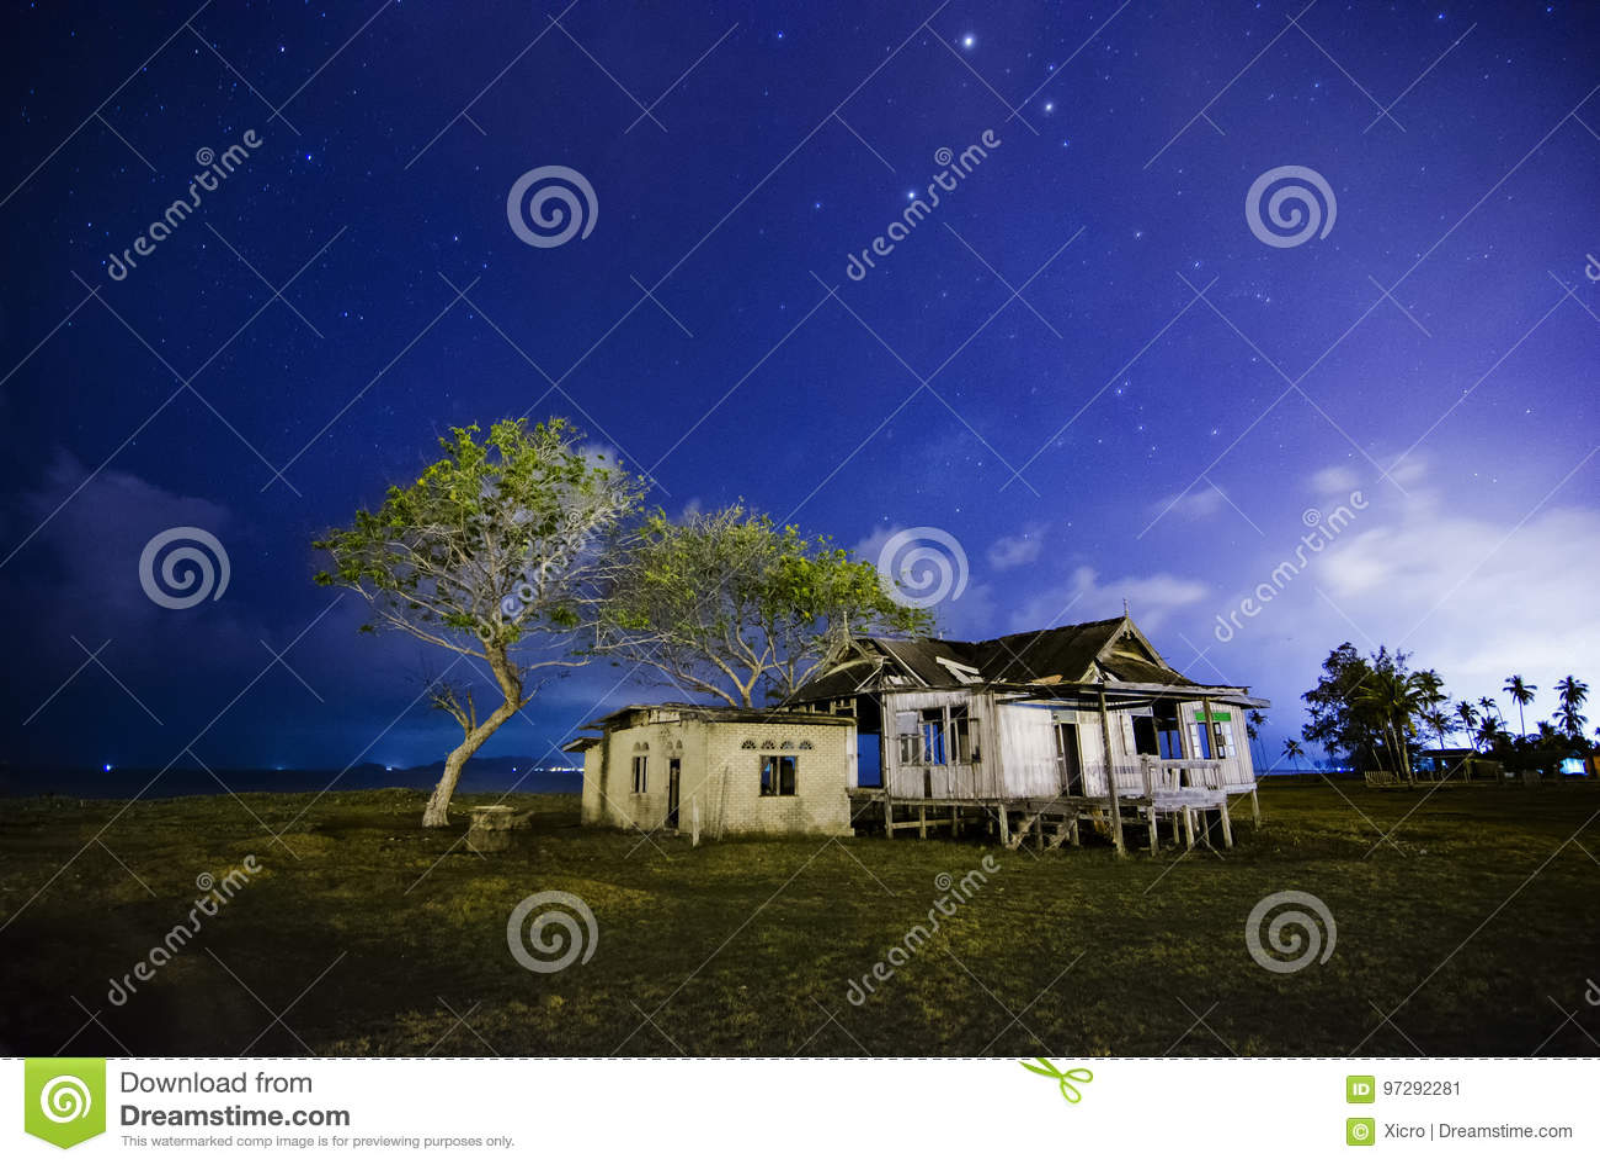 Εγκαταλείψτε το ξύλινο σπίτι τη νύχτα με το αστέρι και το νεφελώδες υπόβαθρο ουρανού